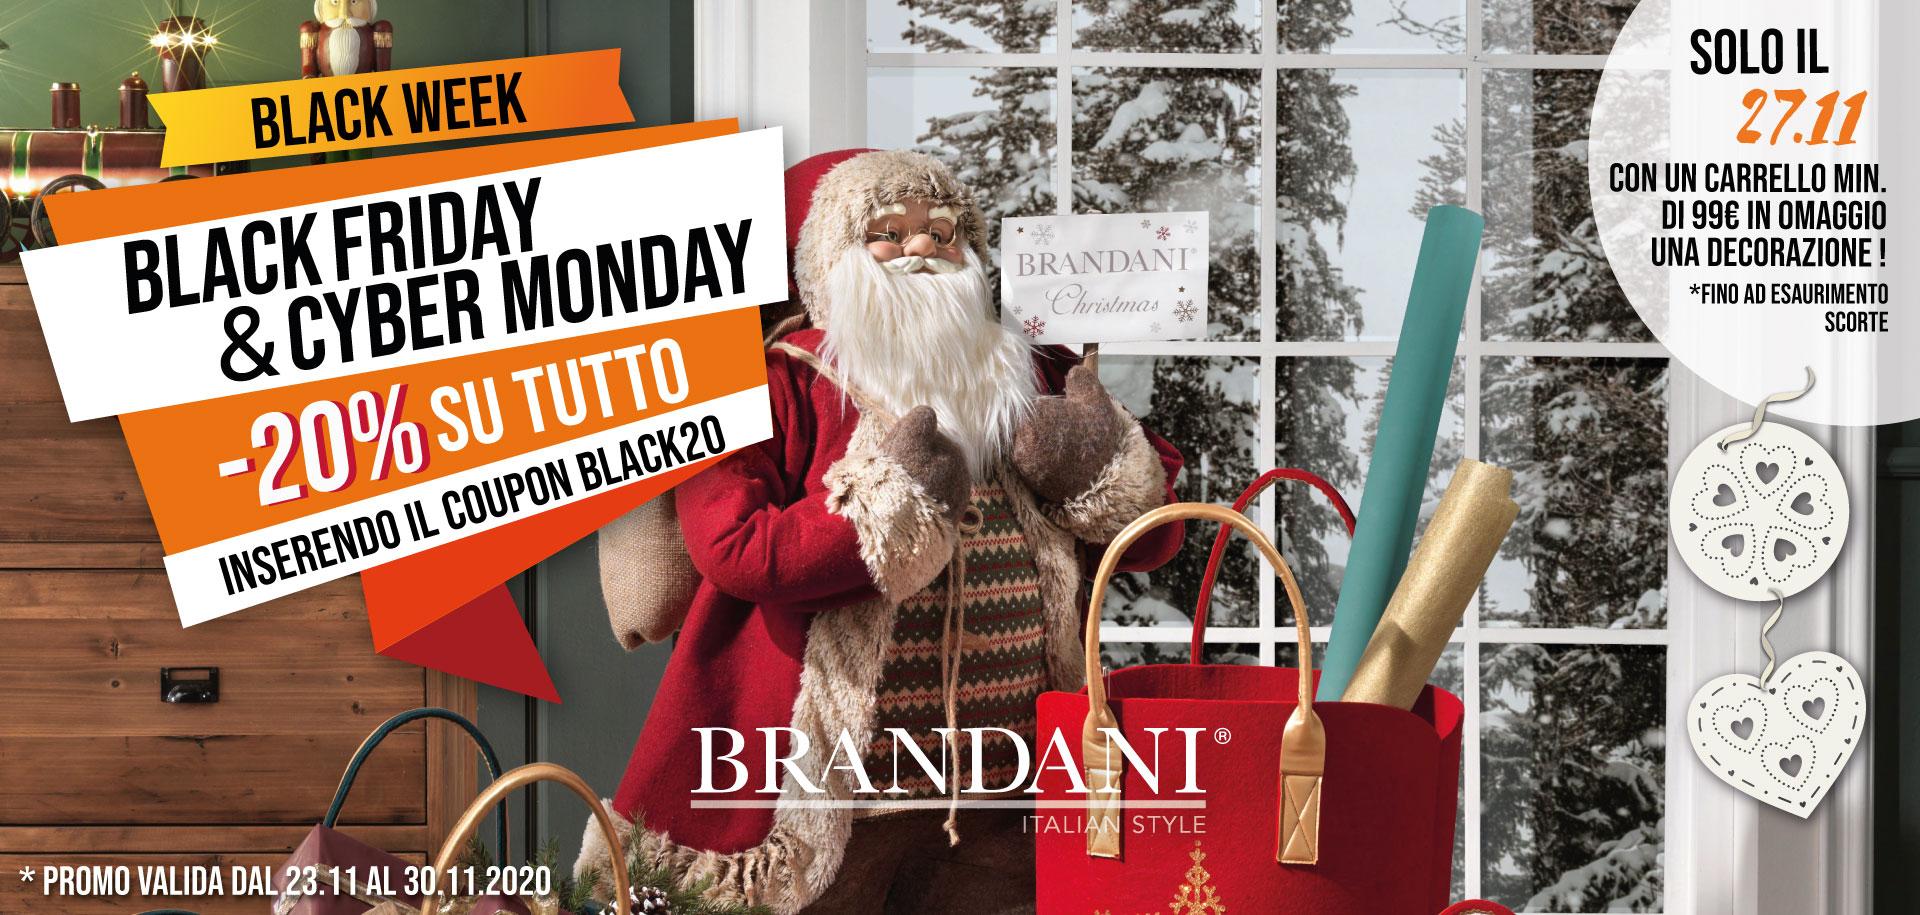 Black Friday e Cyber Monday di Brandani